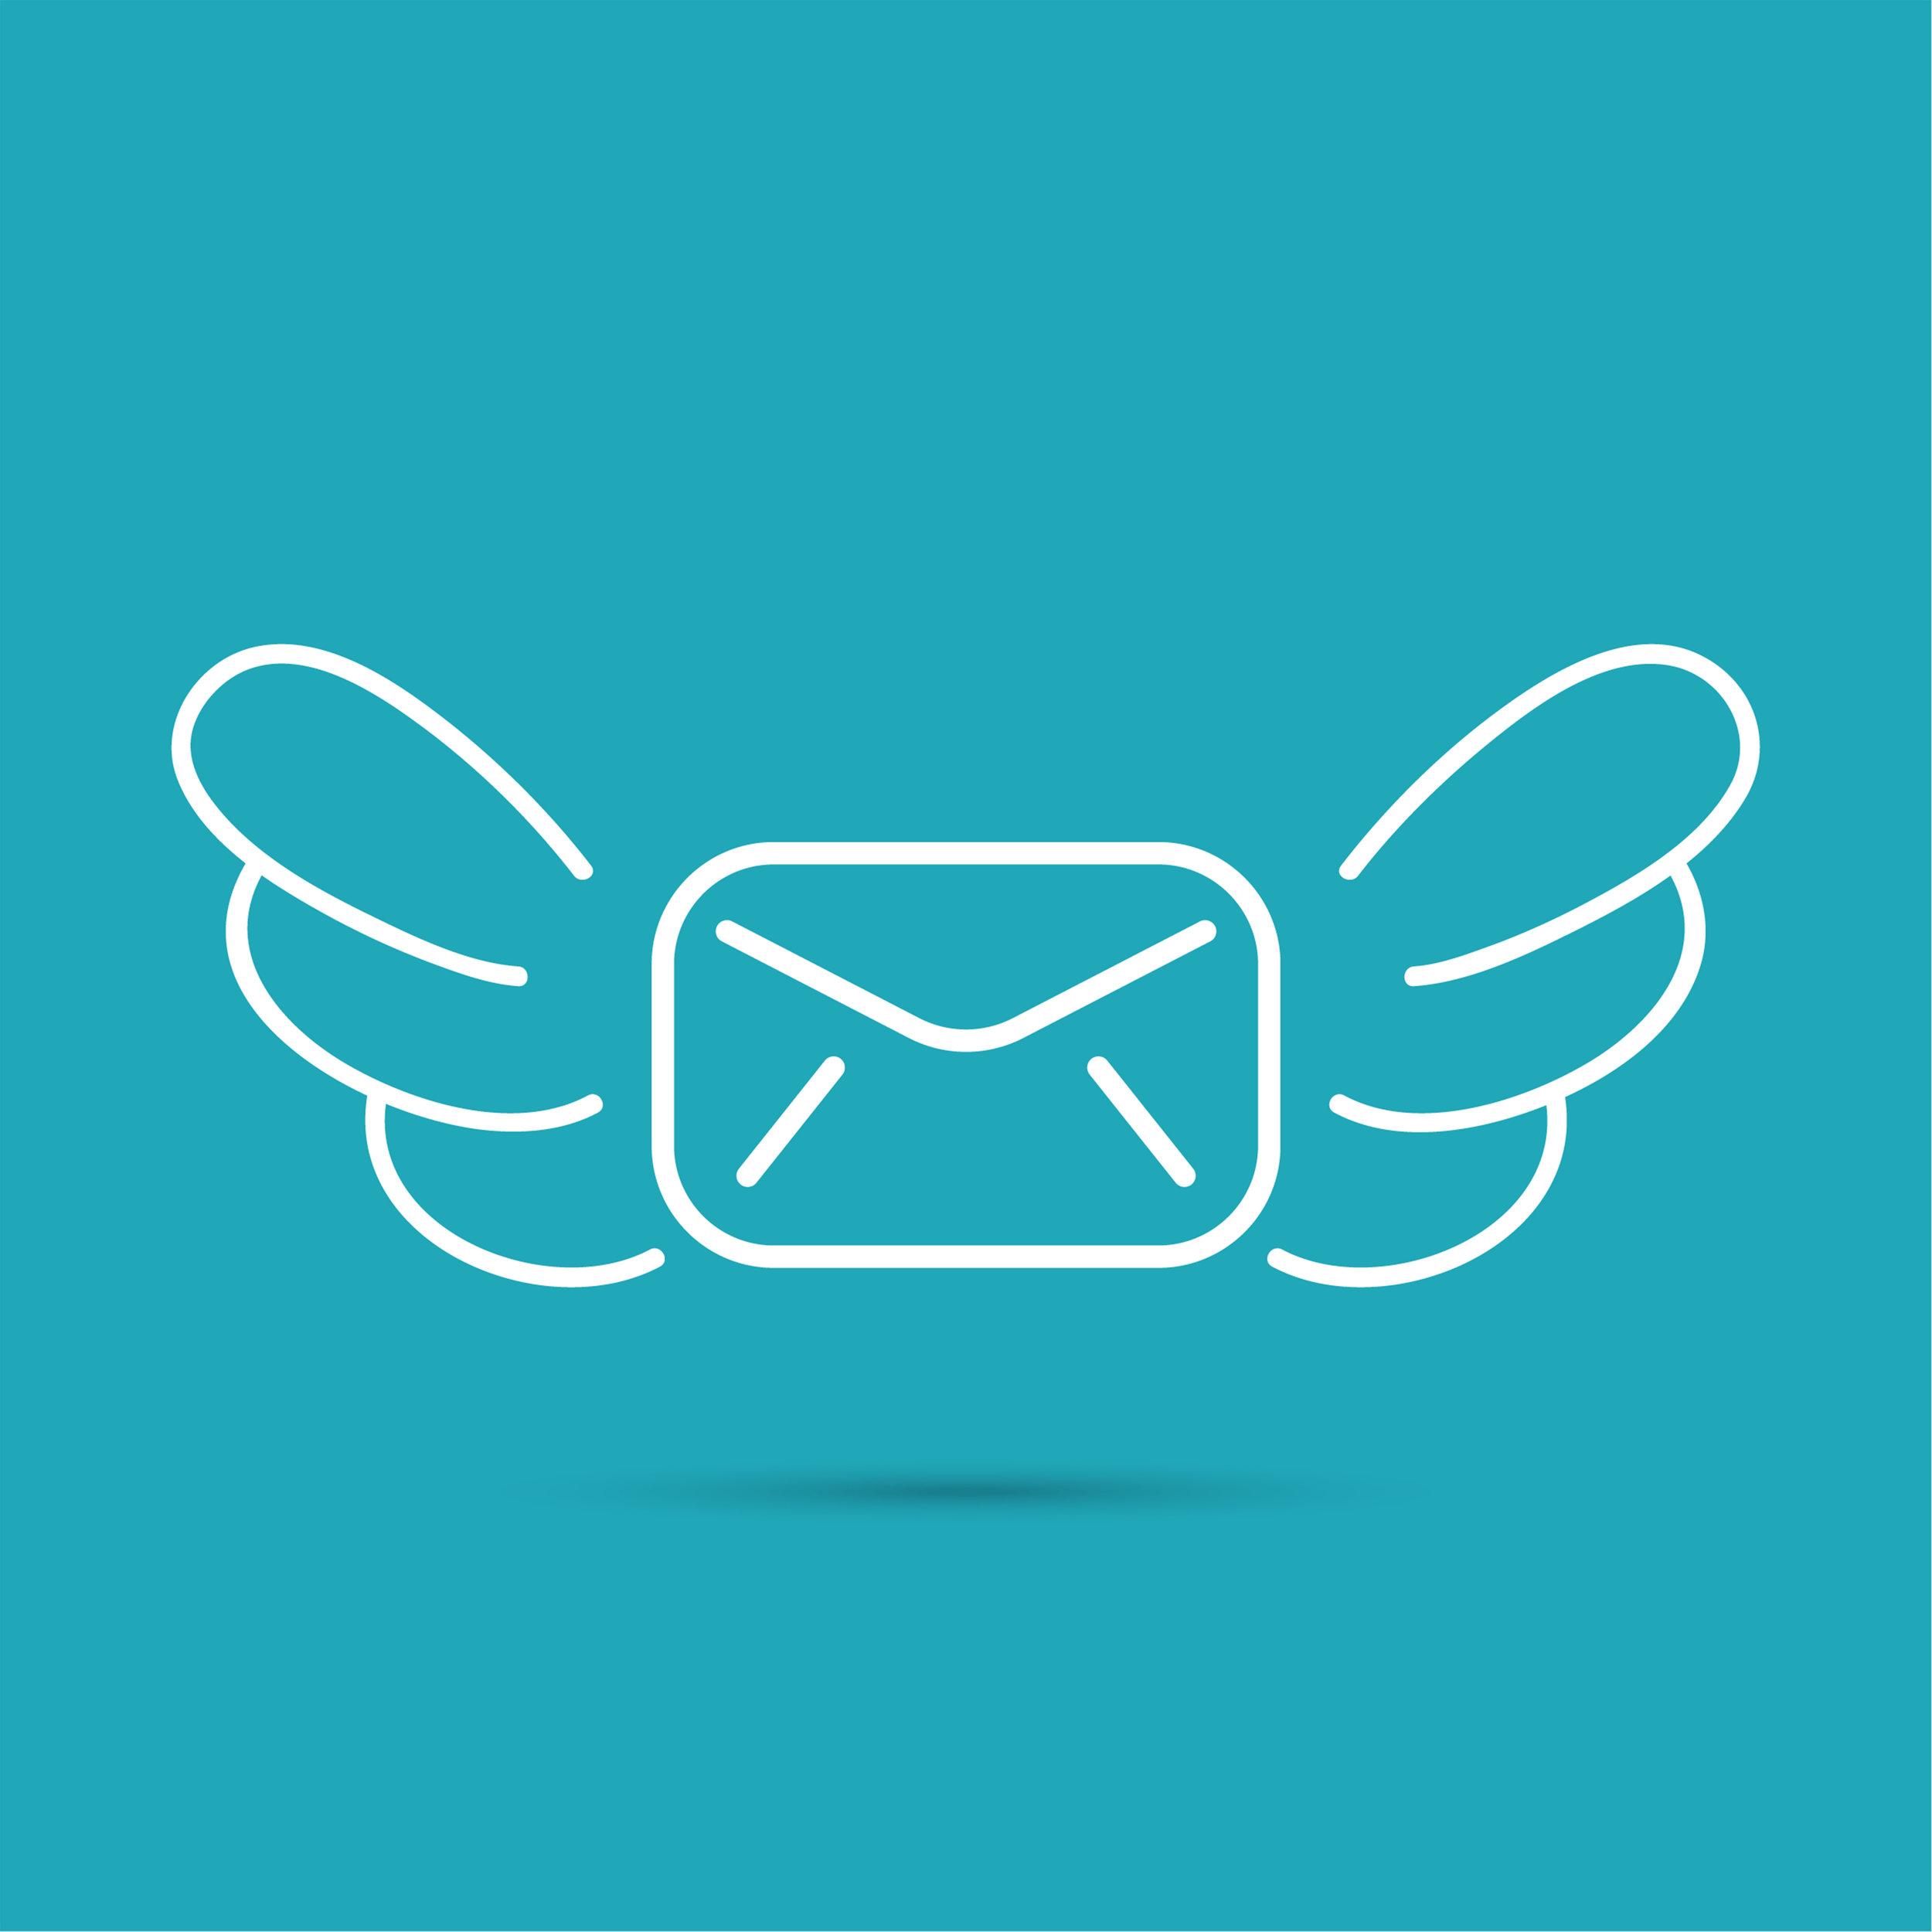 bigstock-Envelope-with-wings--78831104 copy.jpg